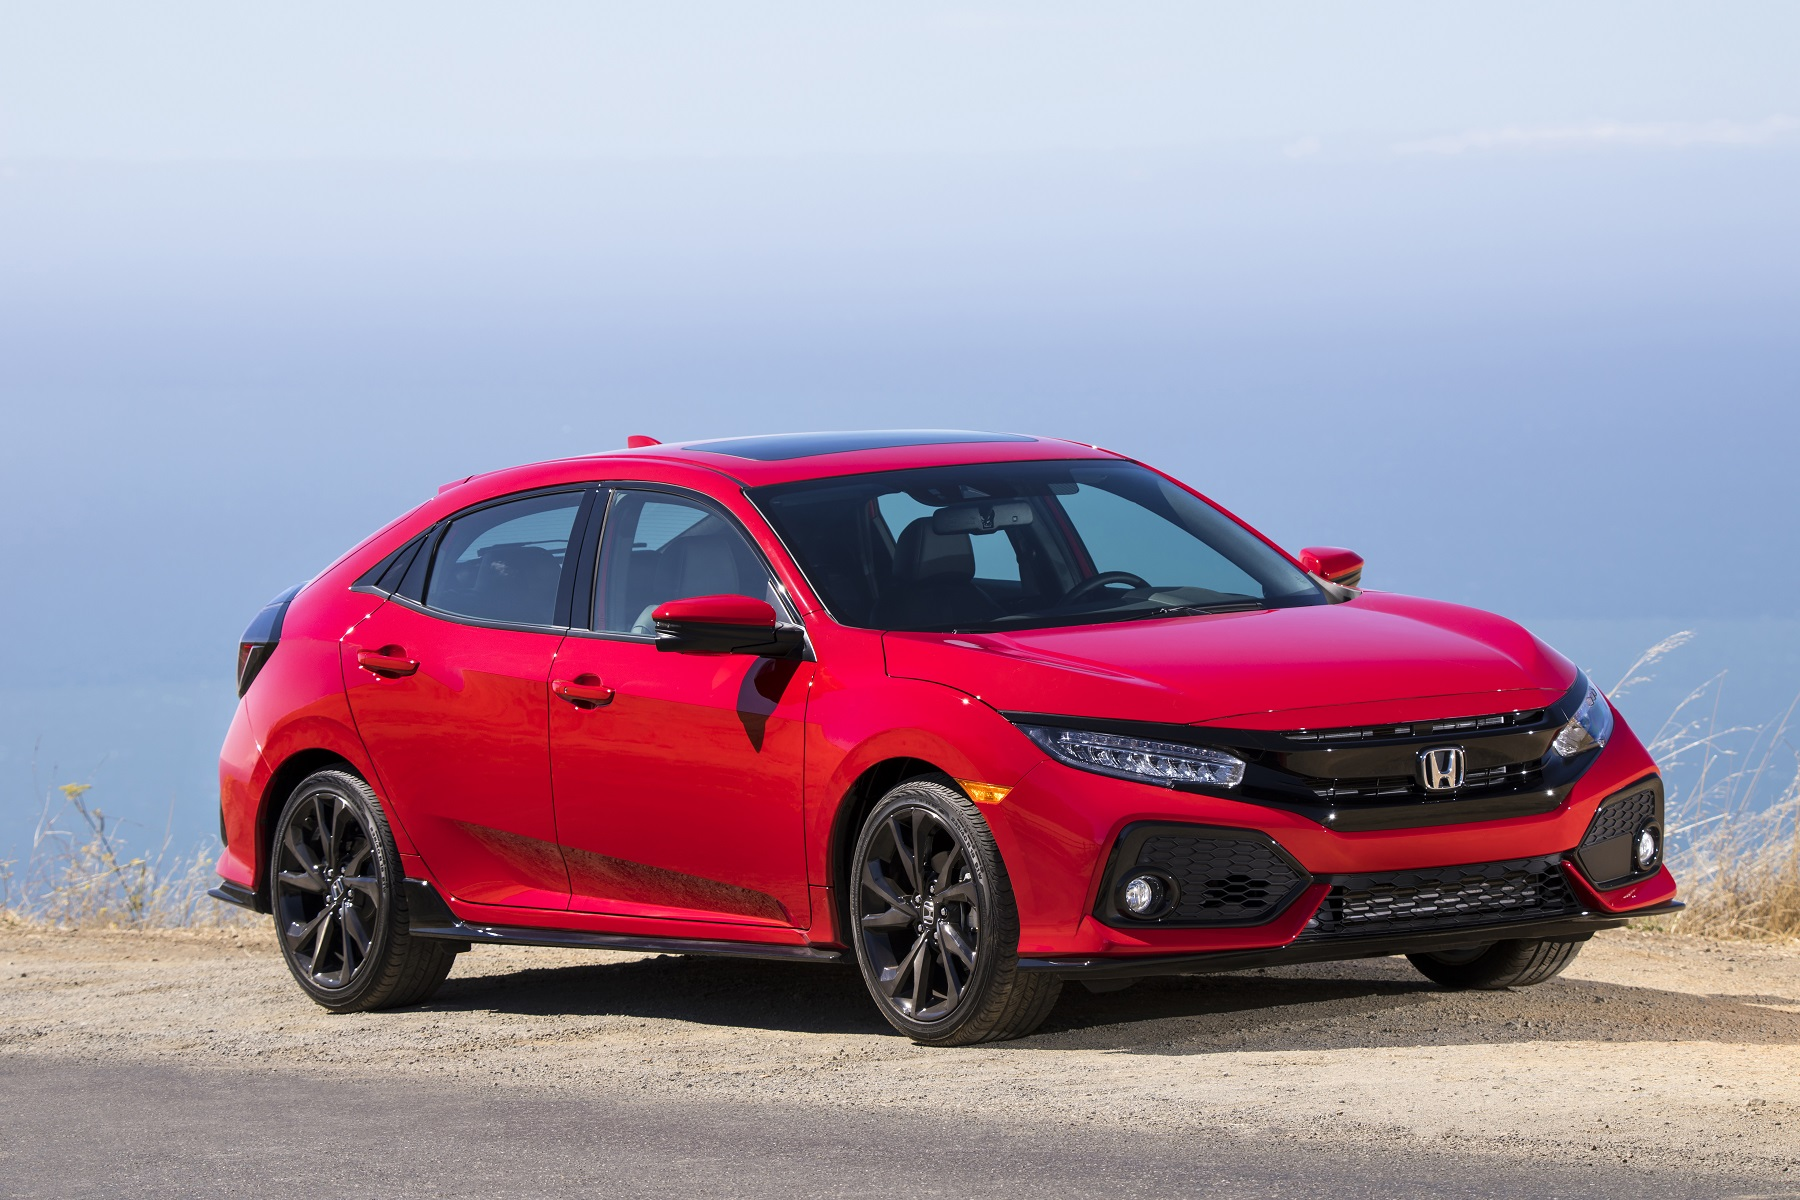 2017 Honda Civic Hatchback features five-door versatility